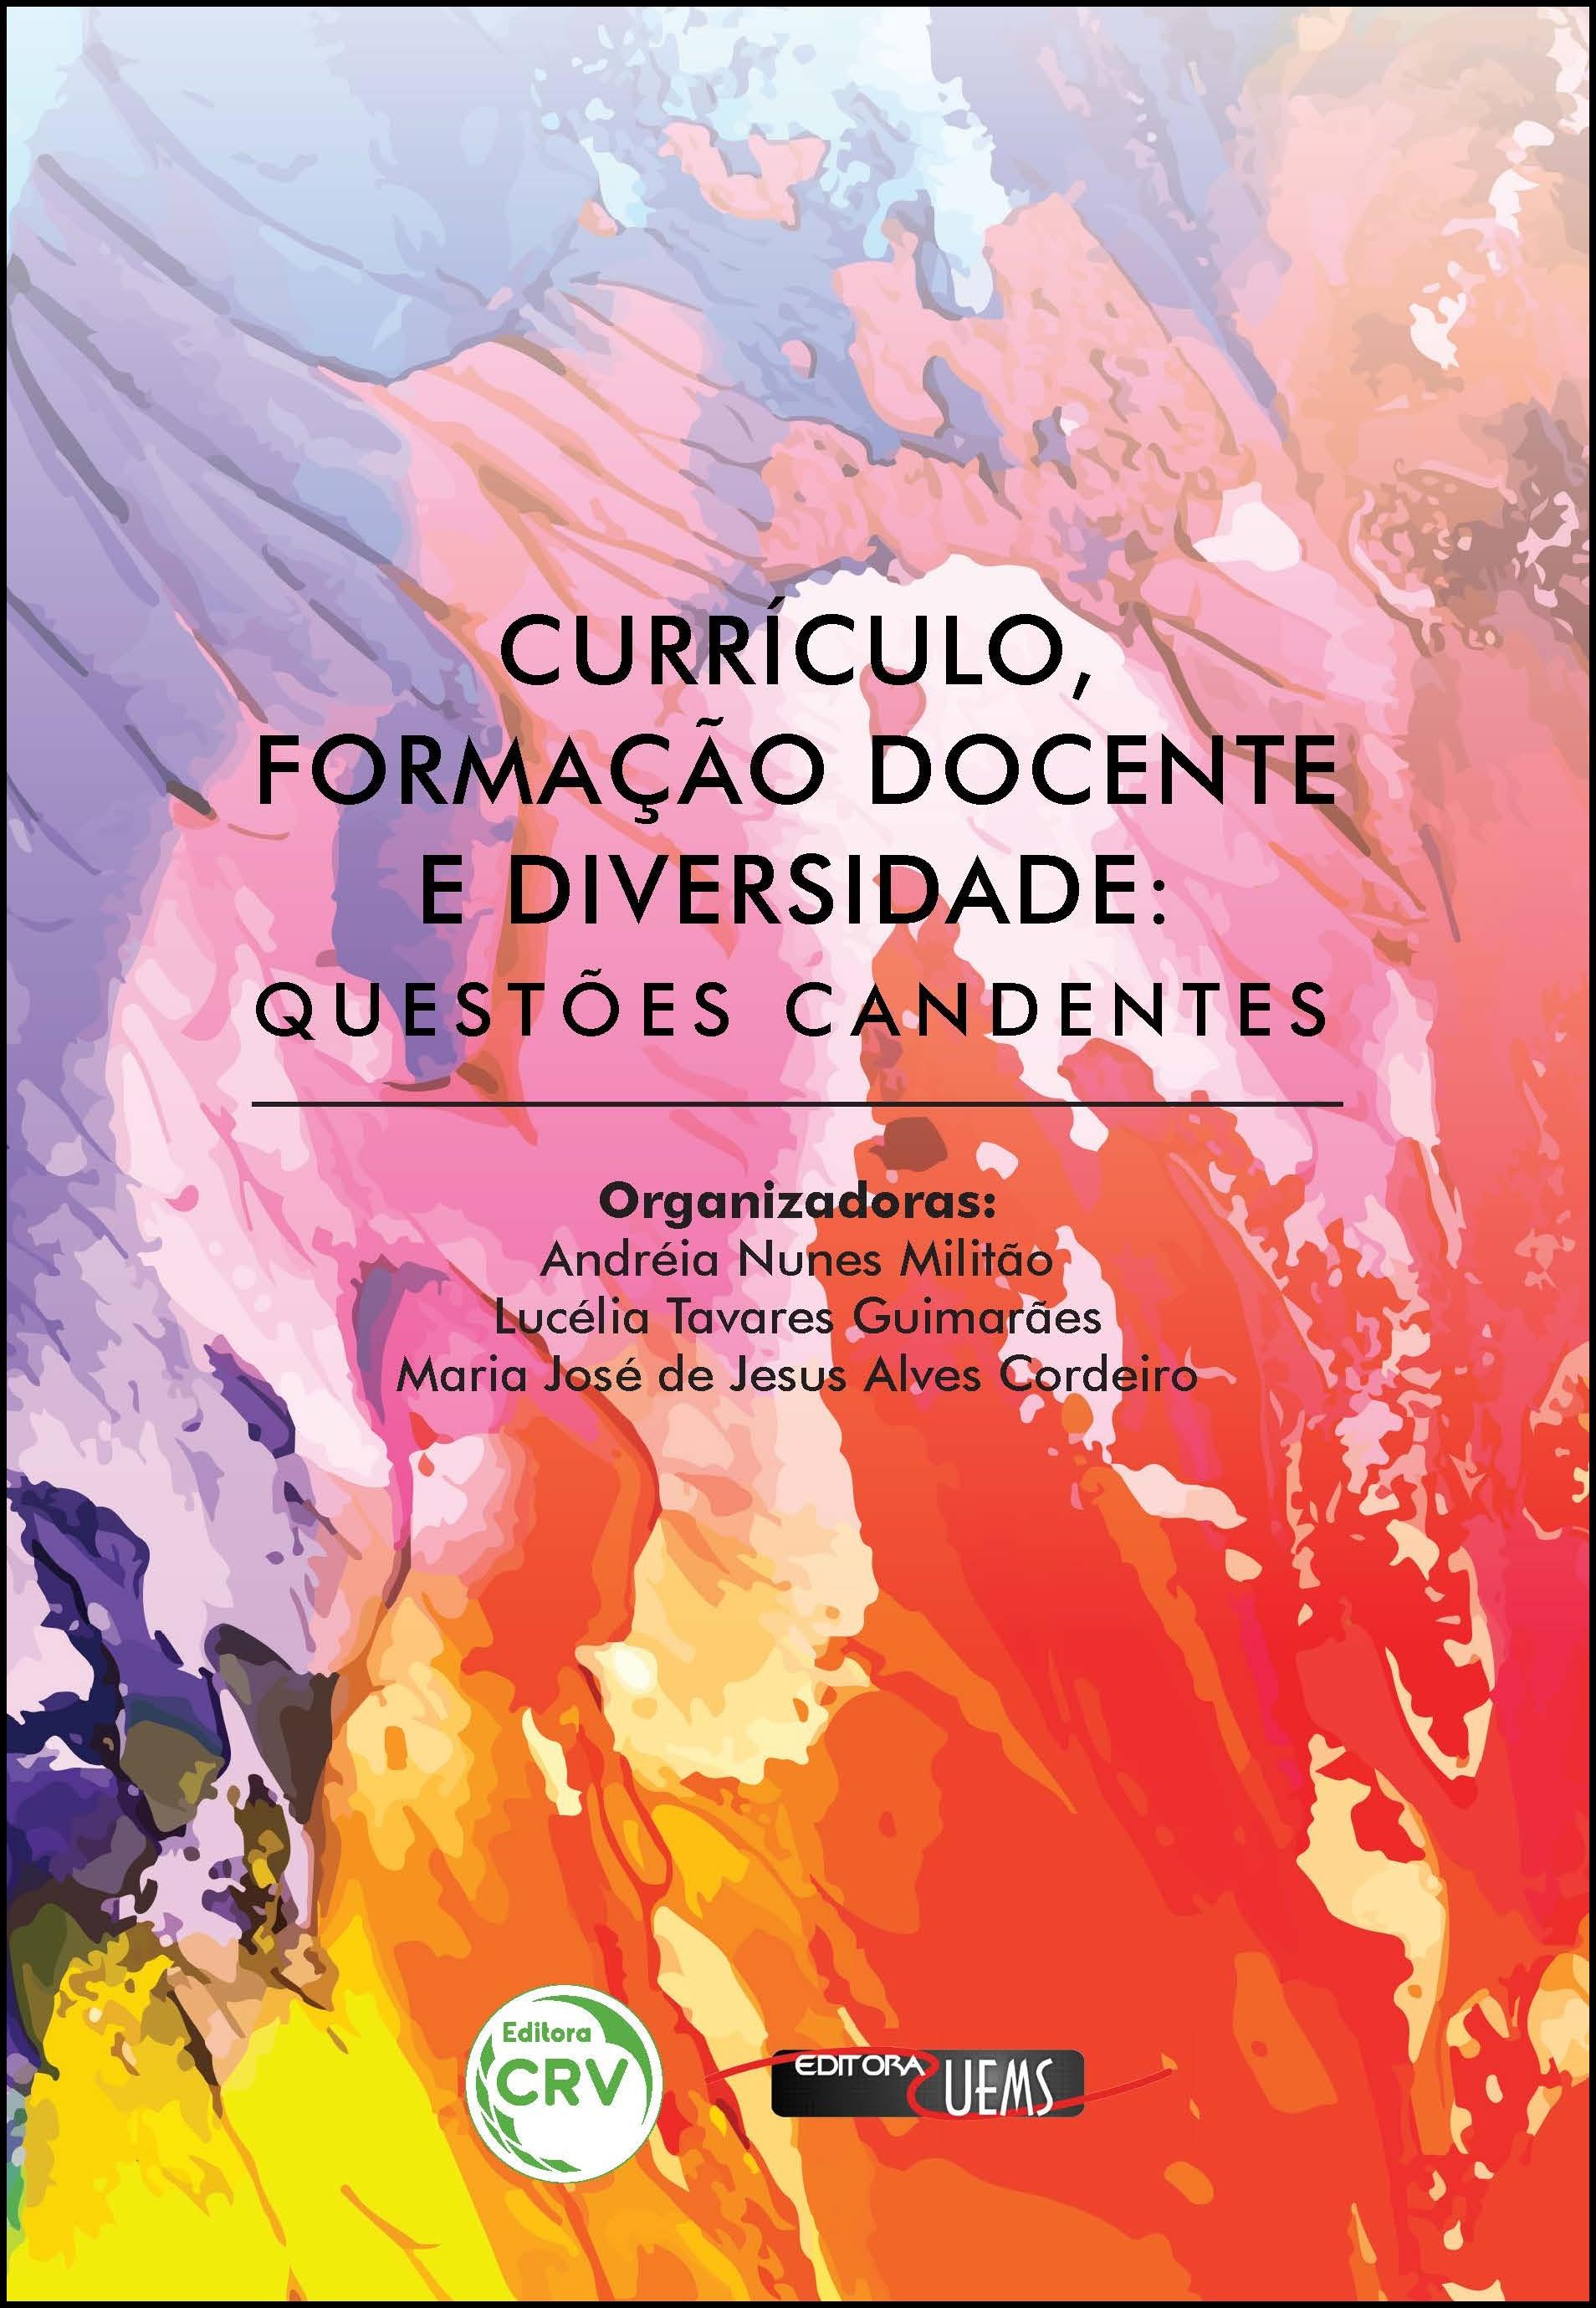 Capa do livro: CURRÍCULO, FORMAÇÃO DOCENTE E DIVERSIDADE: <br>questões candentes